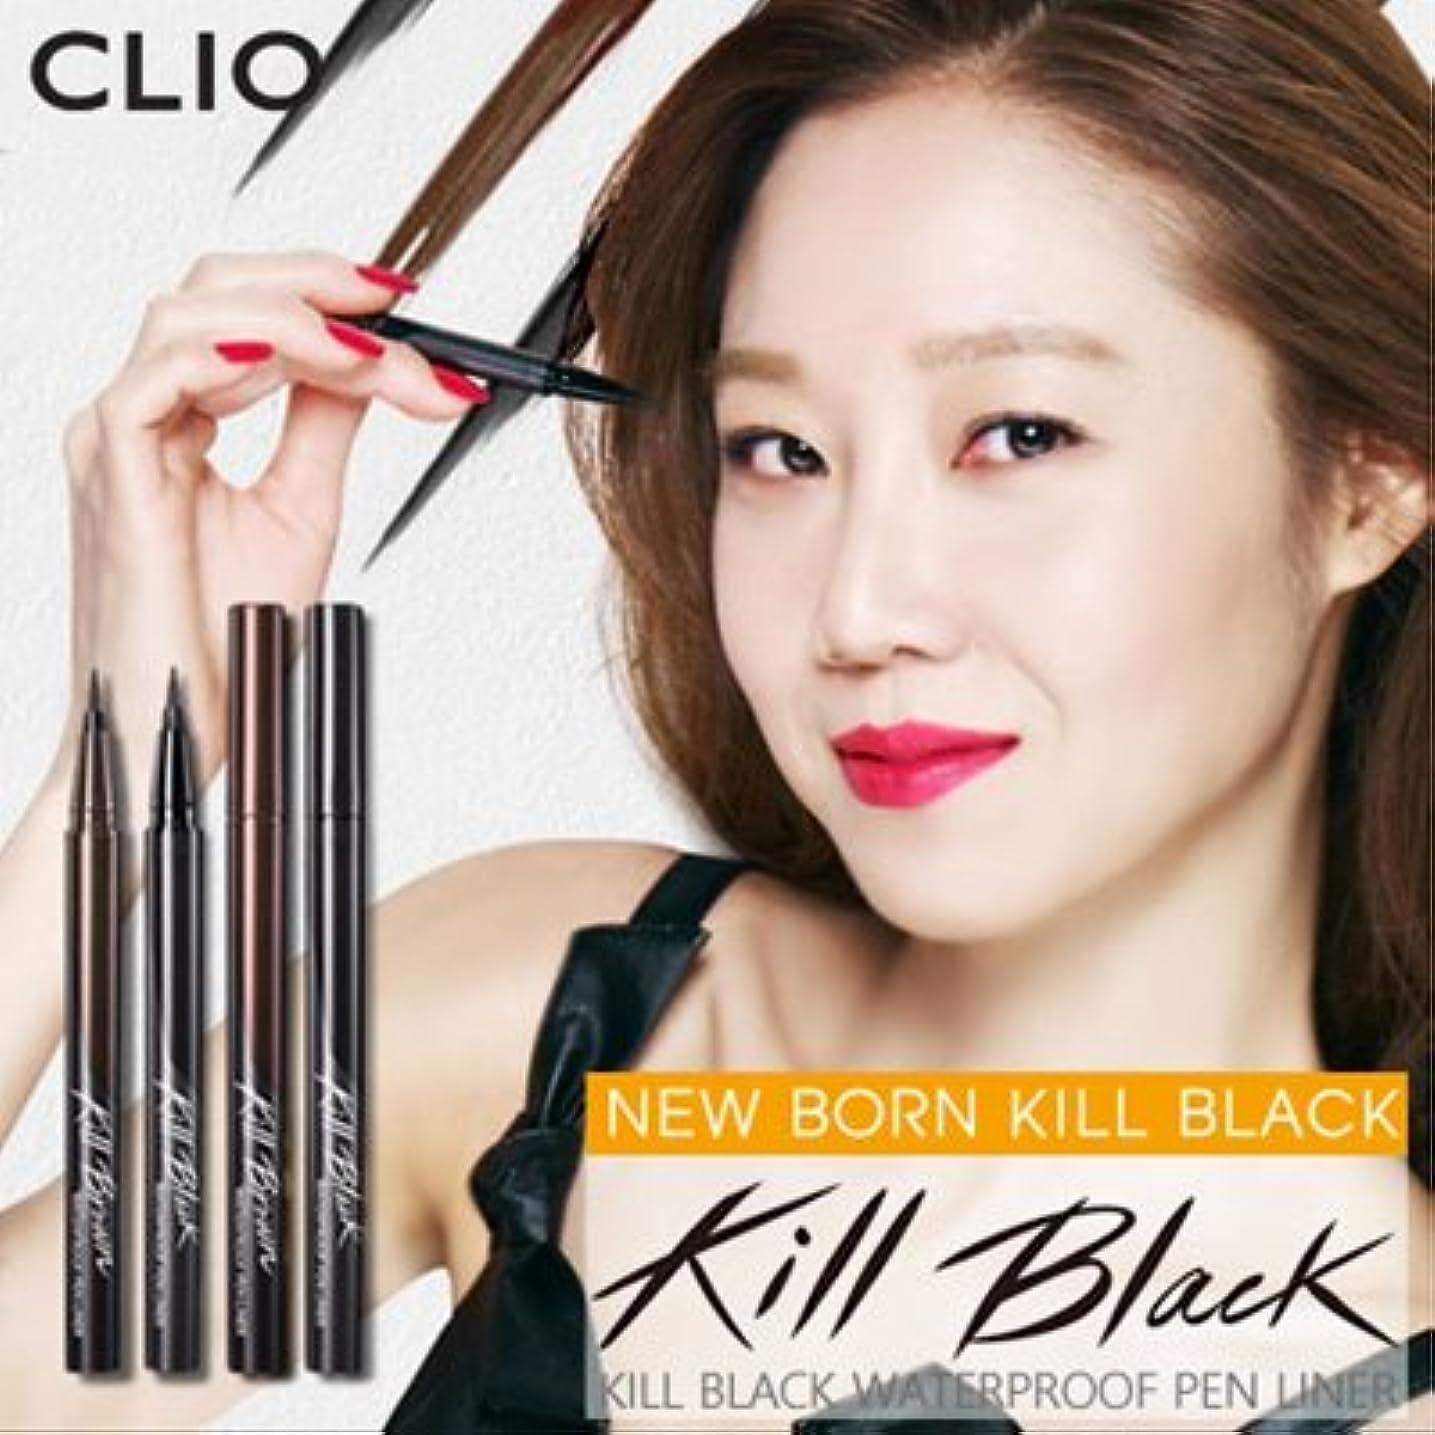 東構築する蒸発CLIO Waterproof Pen Liner (# Kill Black) クリオ ウォータープルーフペンライナー [並行輸入品]